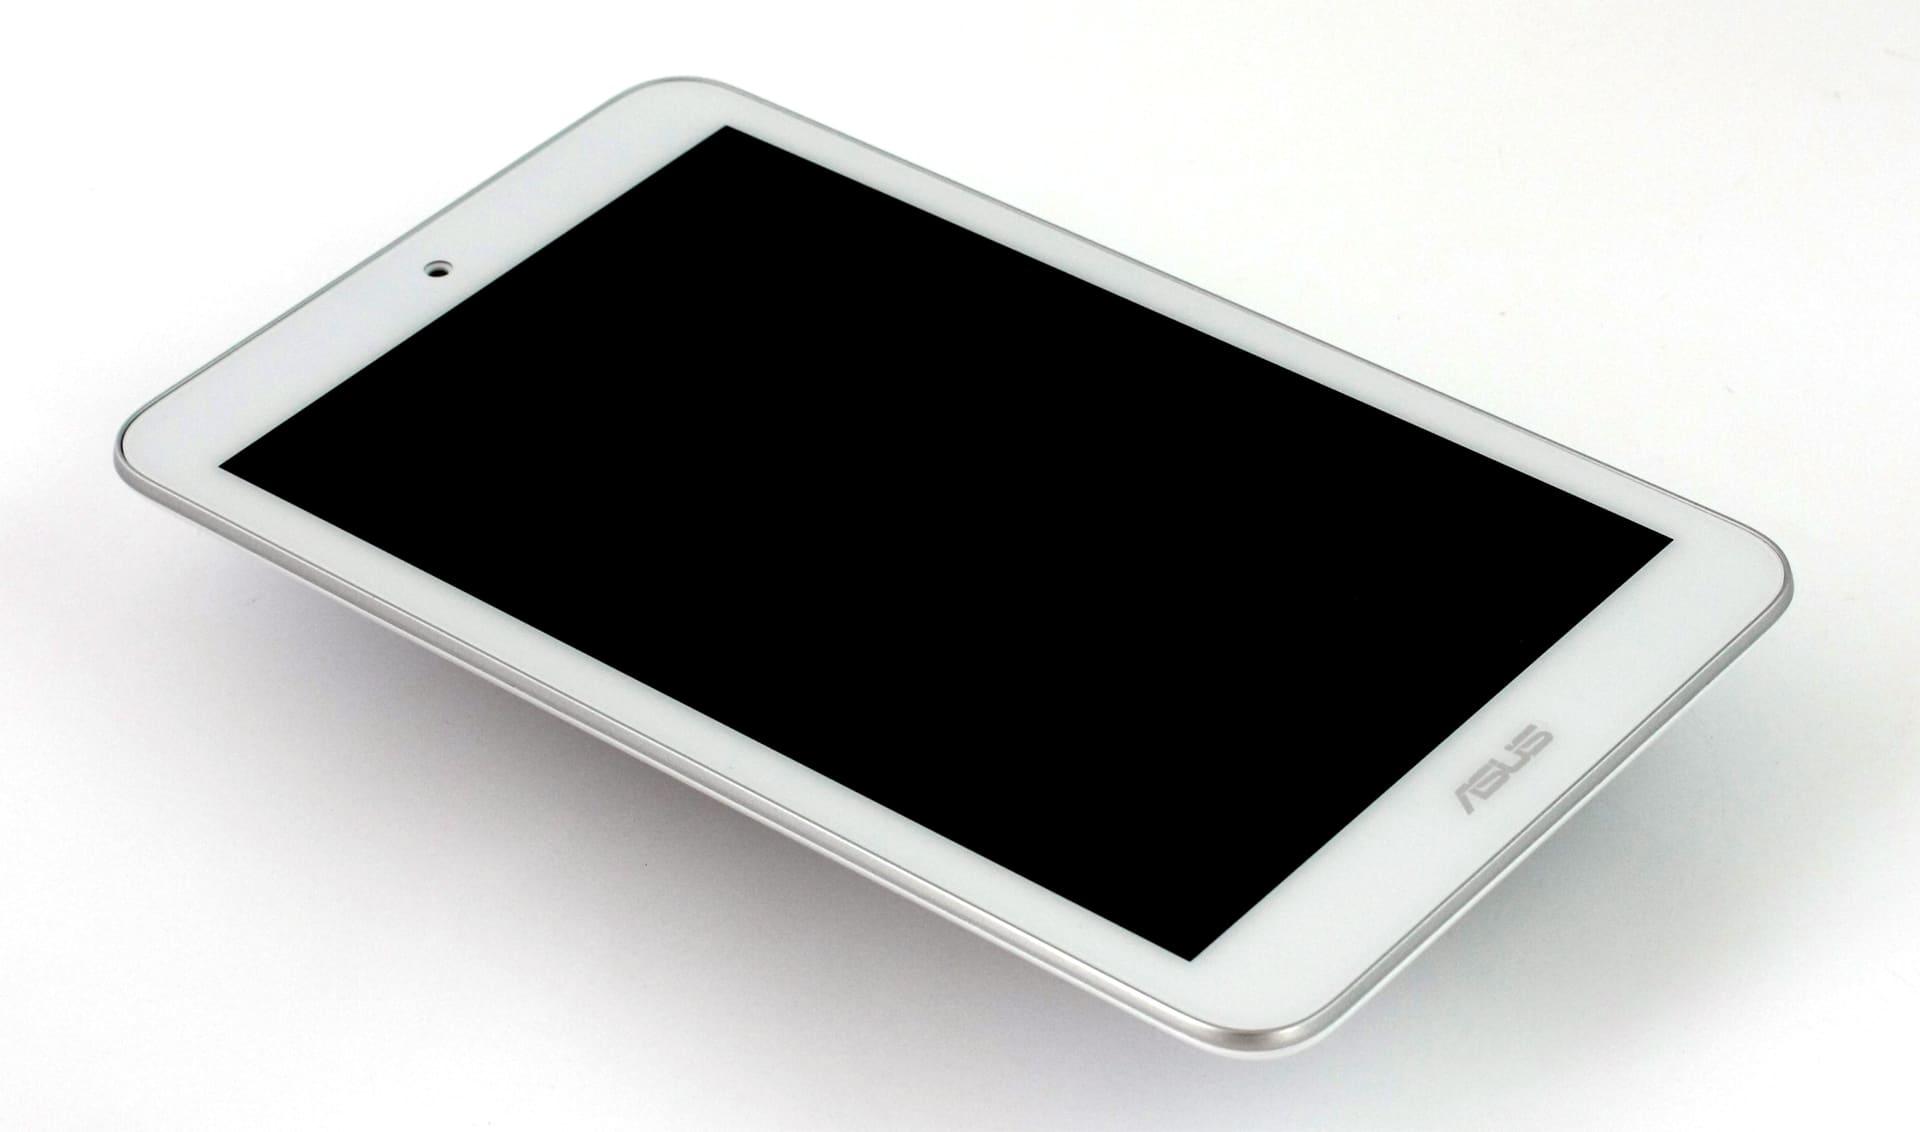 How to Flash Asus Memo Pad 8 Firmware using Intel Phone Flash Tool